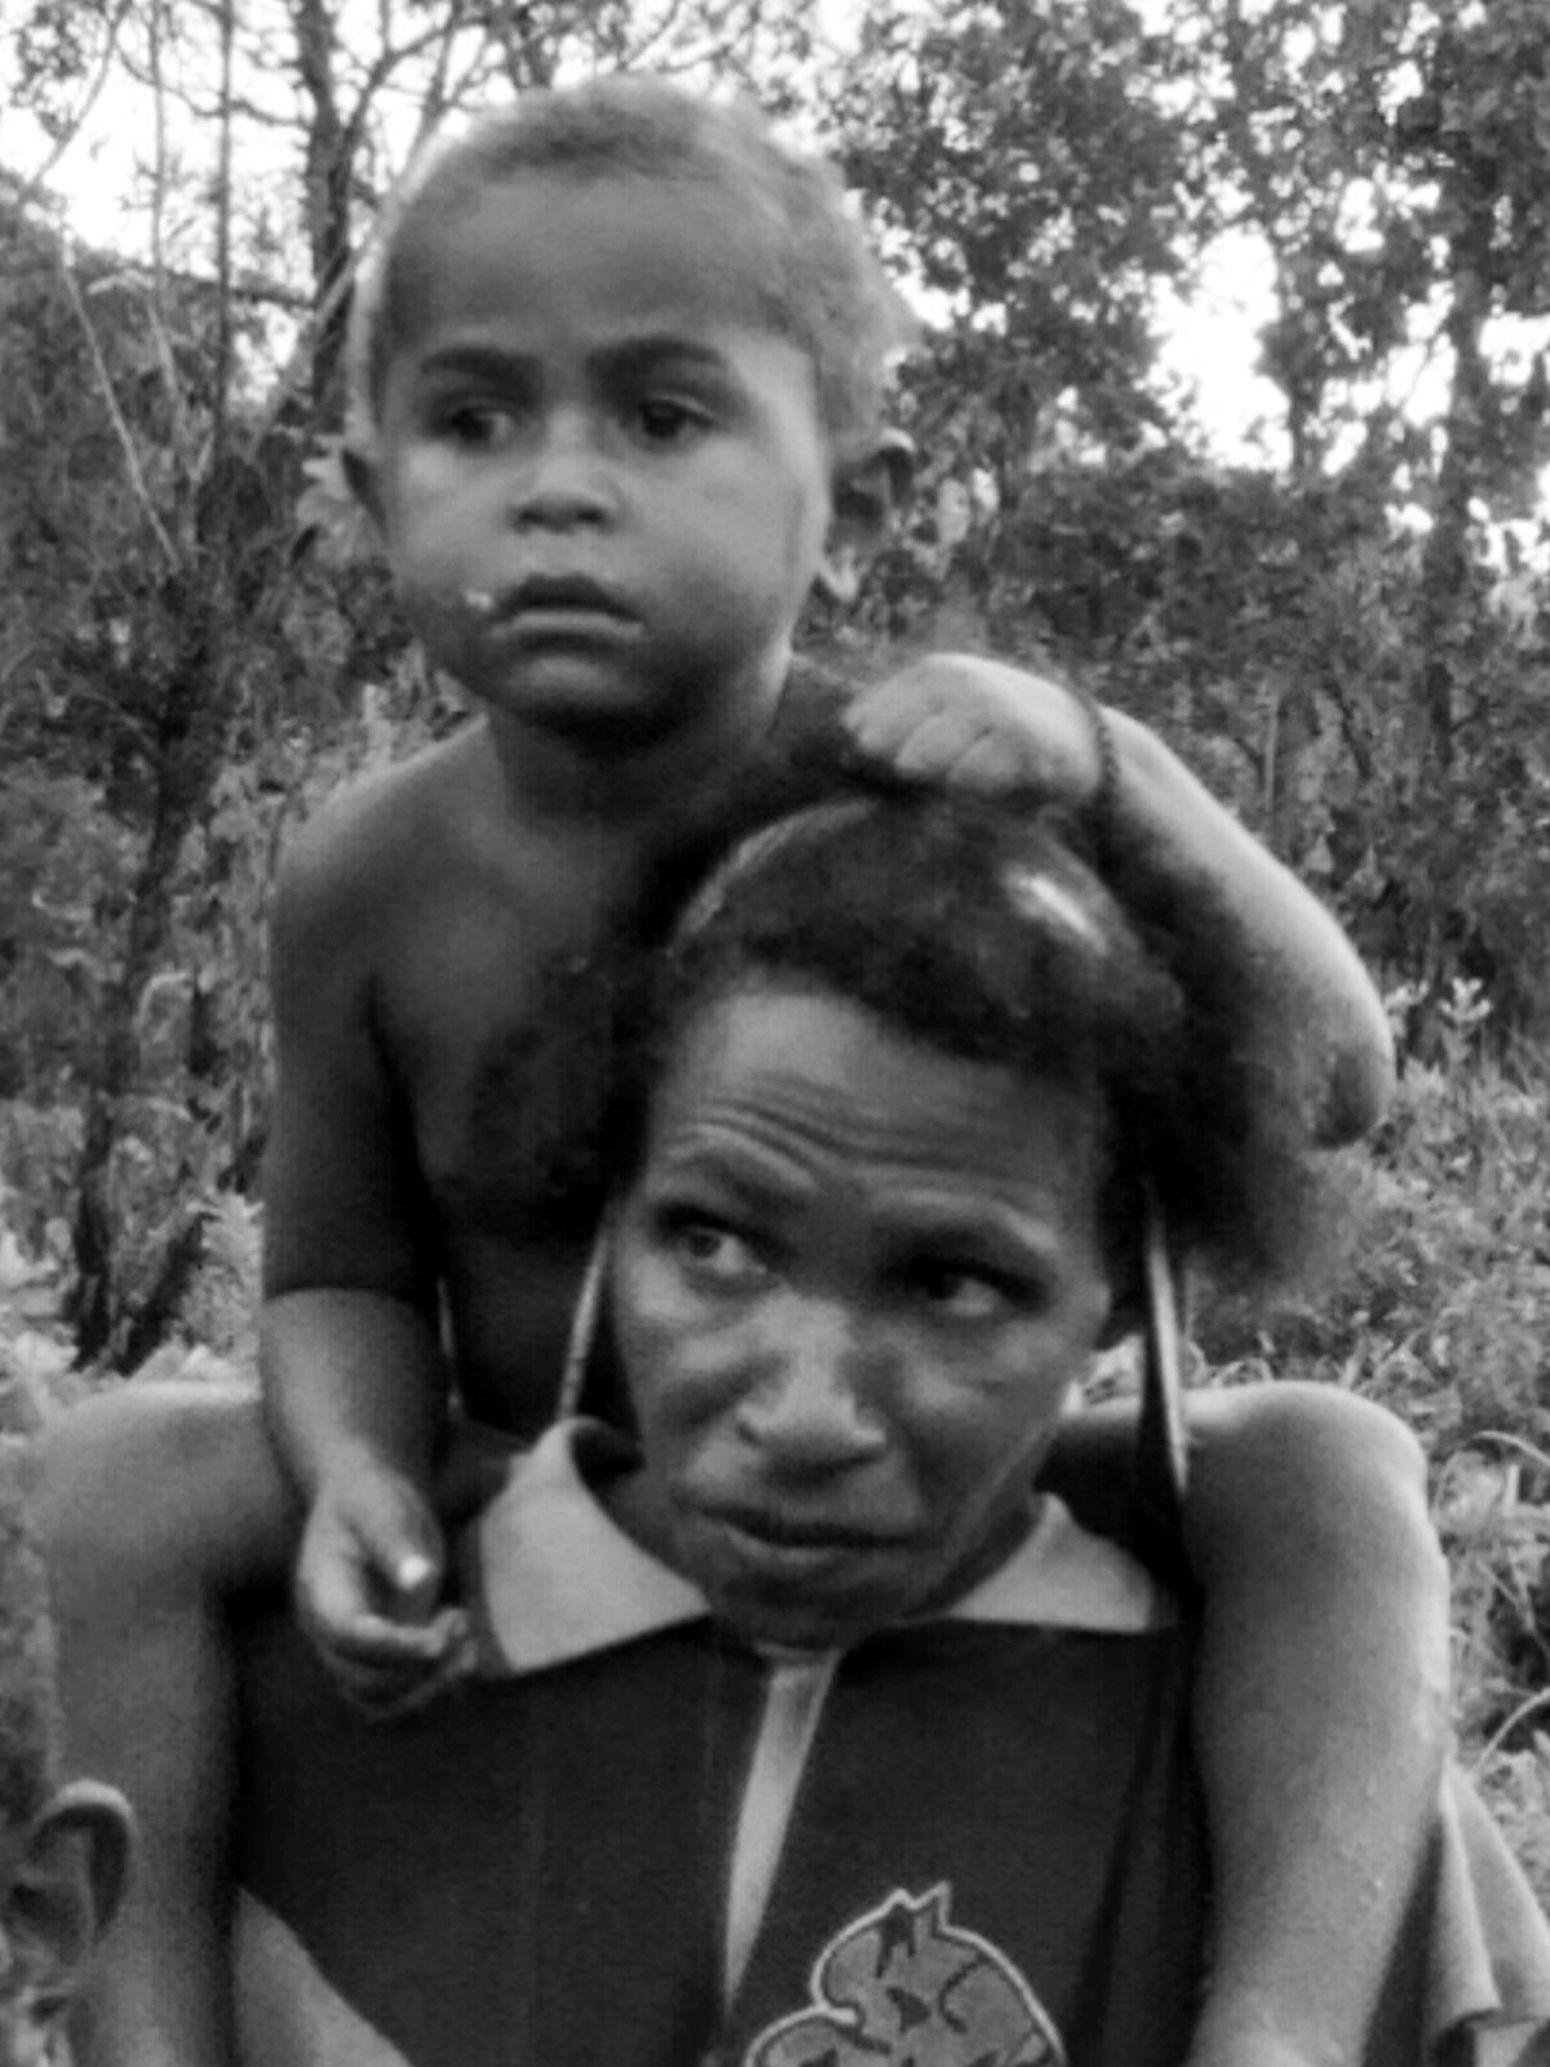 Tentang perjuangan keluarga perbatasan di antara dua negara indonesia dengan papua nugini, perjalanan mereka dari PNG melintasi pos pertahanan indonesia hanya untuk sekedar membeli bahan kebutuhan pokok dan untuk dijual kembali, dengan menempuh jarak perjalanan lebih dari satu hari menuju indonesia INDONESIA Papua New Guinea Humanis